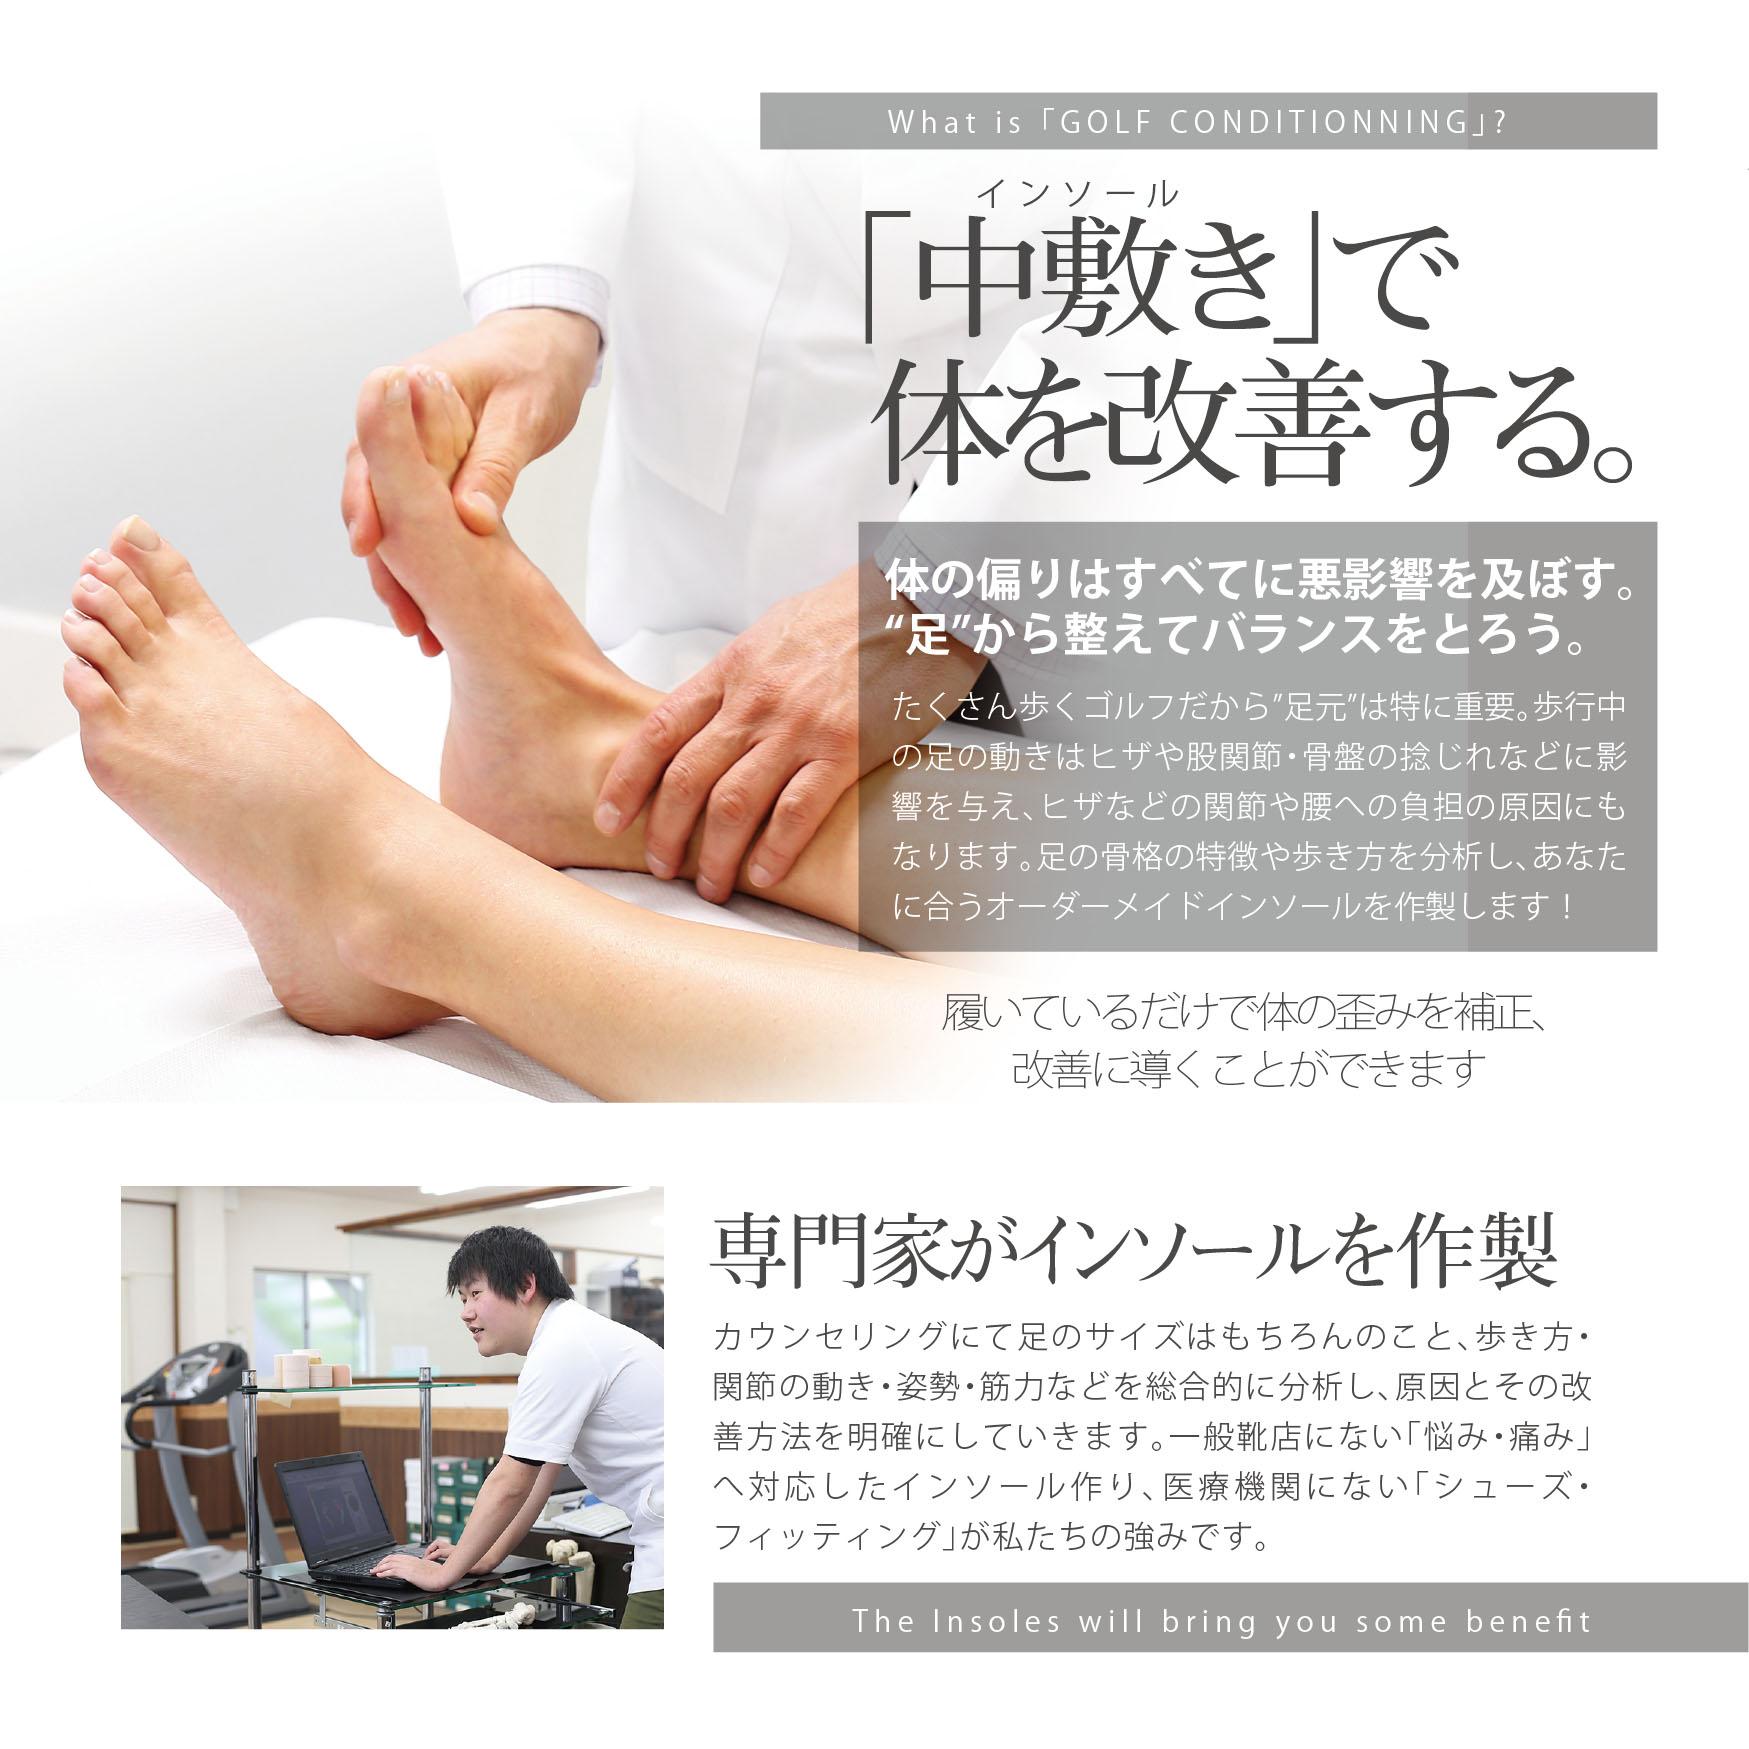 中敷き(インソール)で体を改善する。体の偏りはすべてに悪影響を及ぼす。足から整えてバランスをとろう。